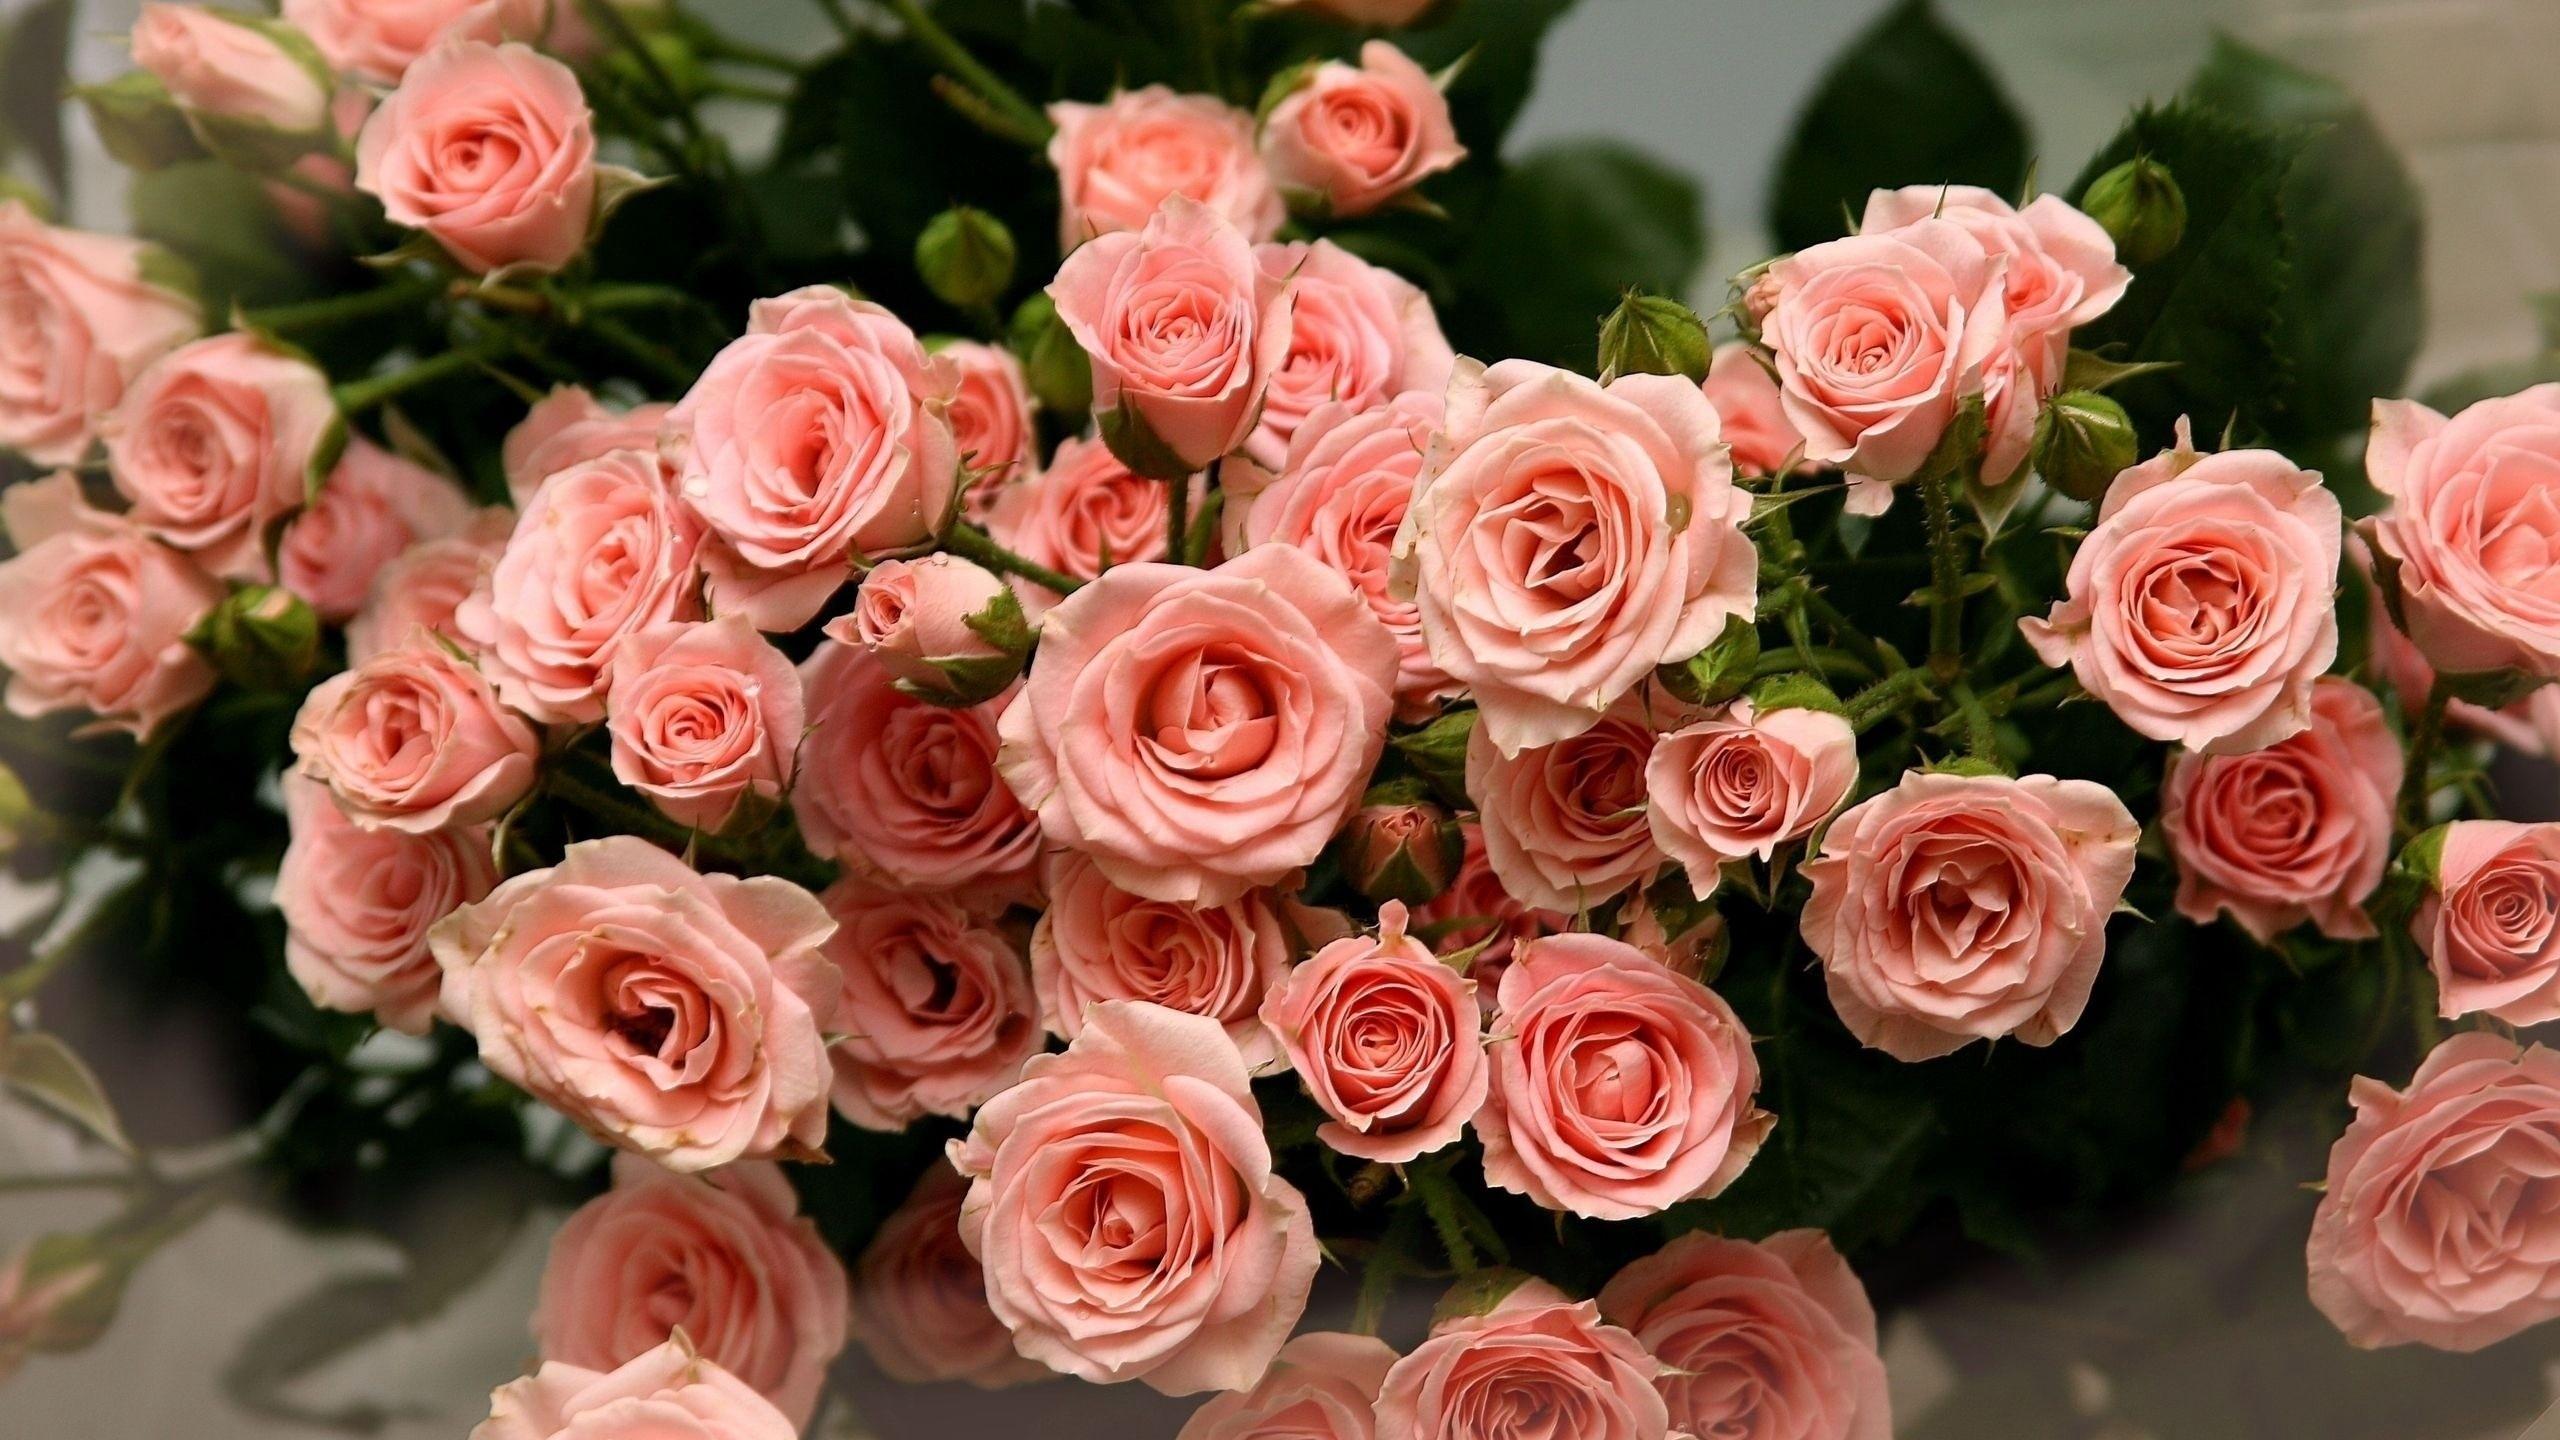 Картинки с розовыми цветами совсем недавно